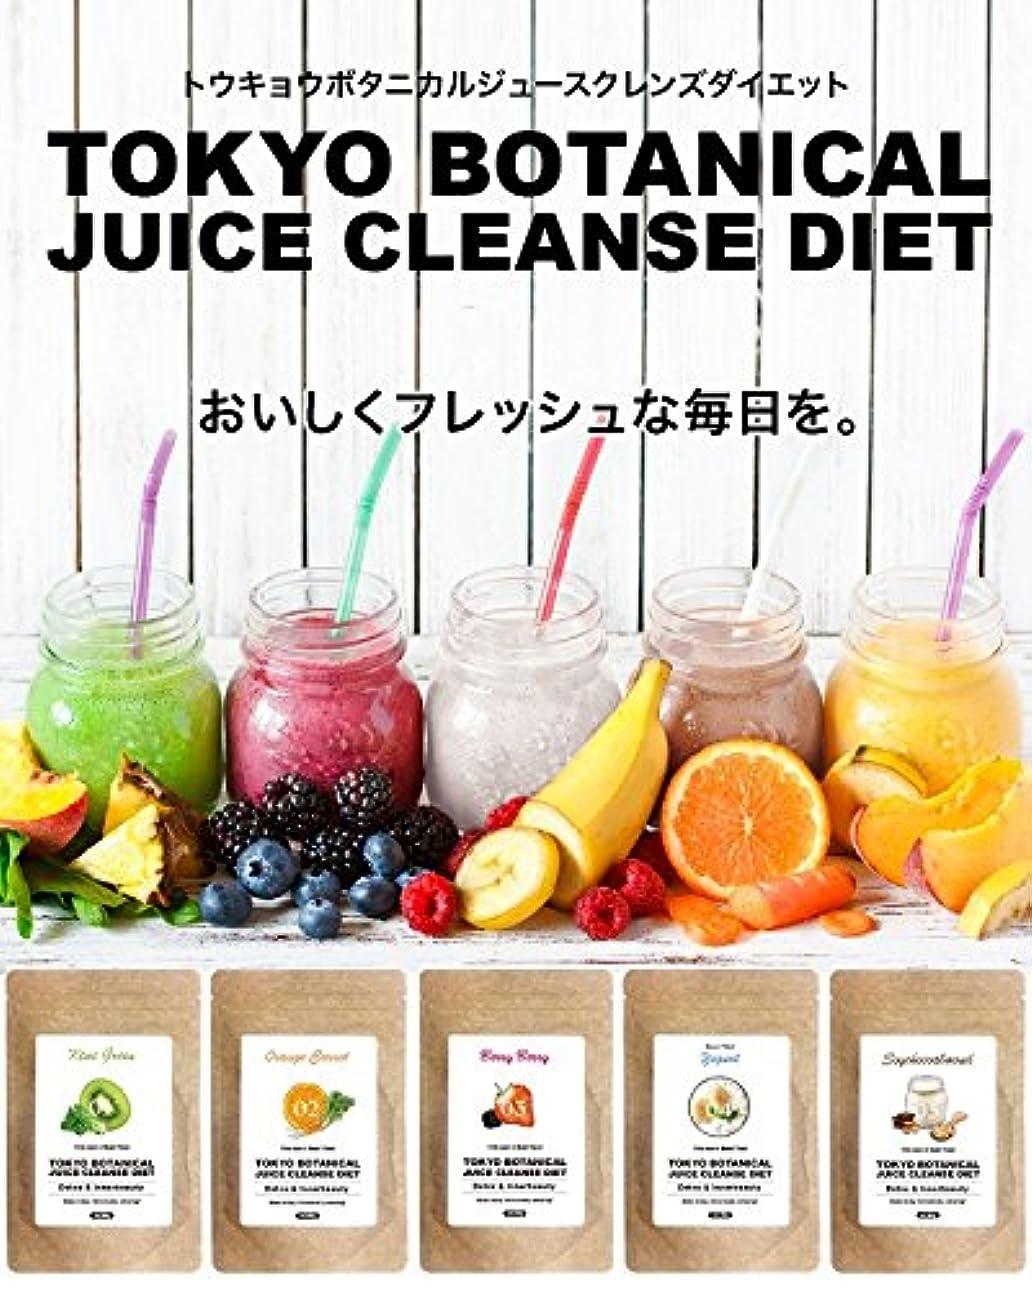 懐疑的不均一ロッカーダイエット 東京ボタニカルジュースクレンズダイエット  キウイグリーン&オレンジキャロットセット